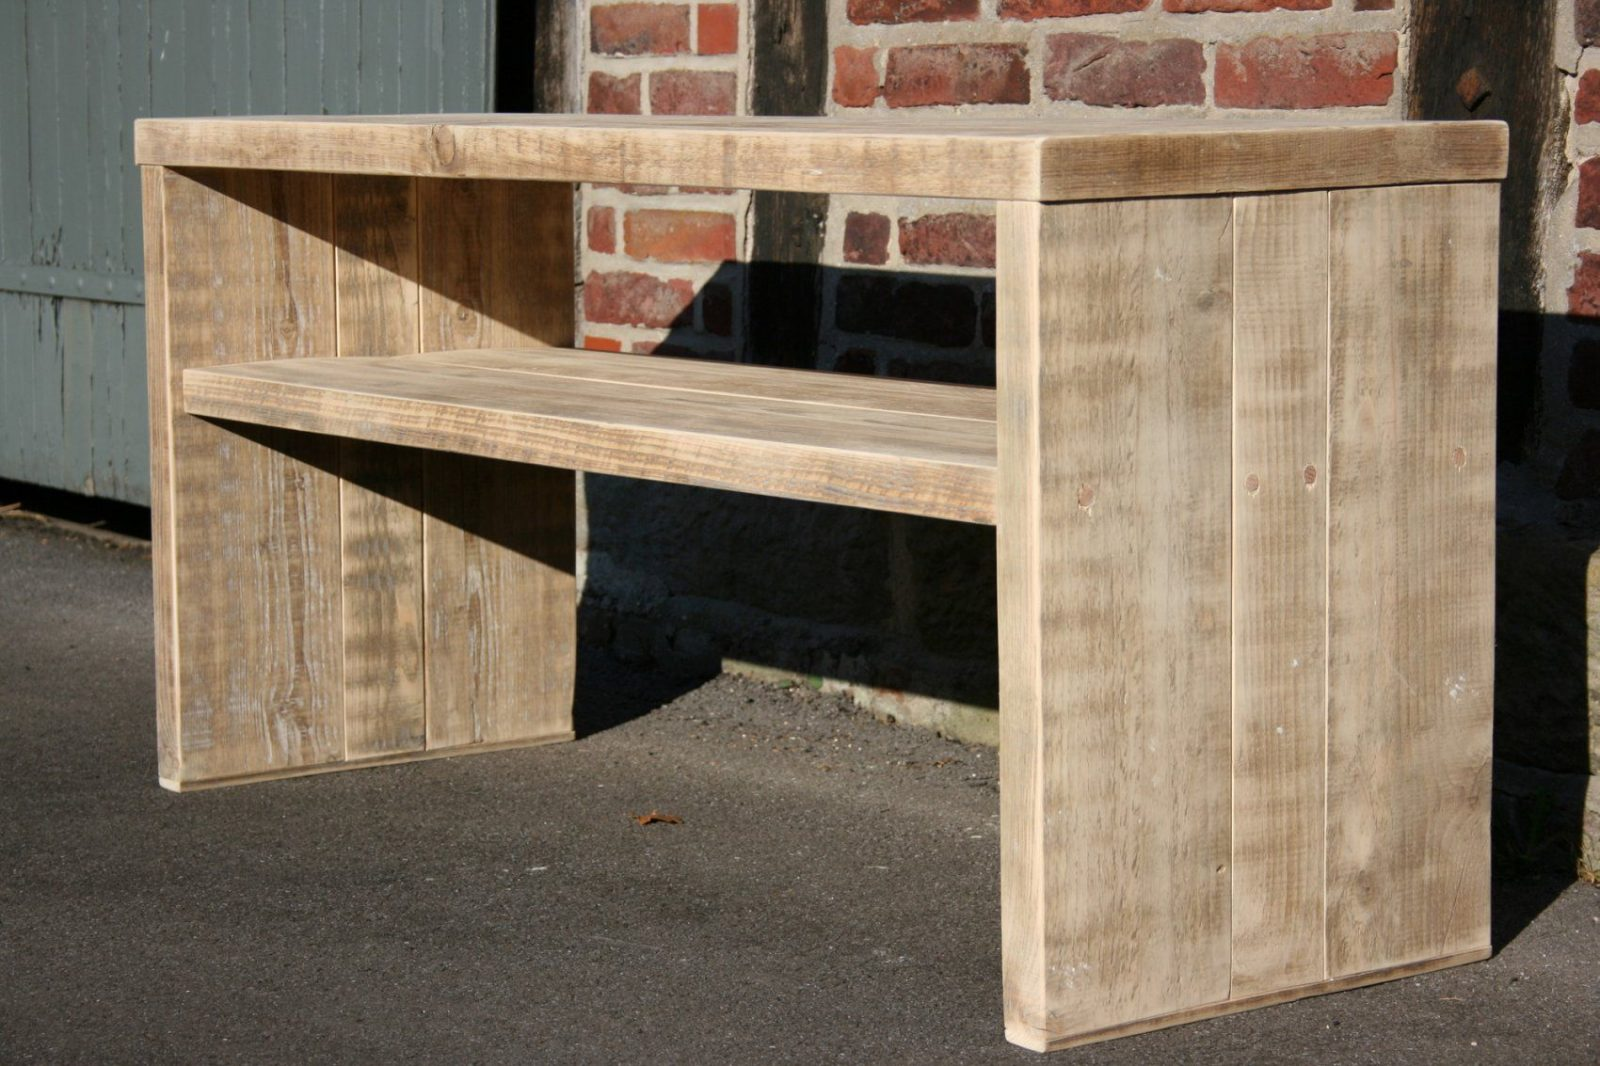 Möbel Aus Bauholz Selber Bauen  Die Besten Einrichtungsideen Und von Bauholz Möbel Selber Machen Photo